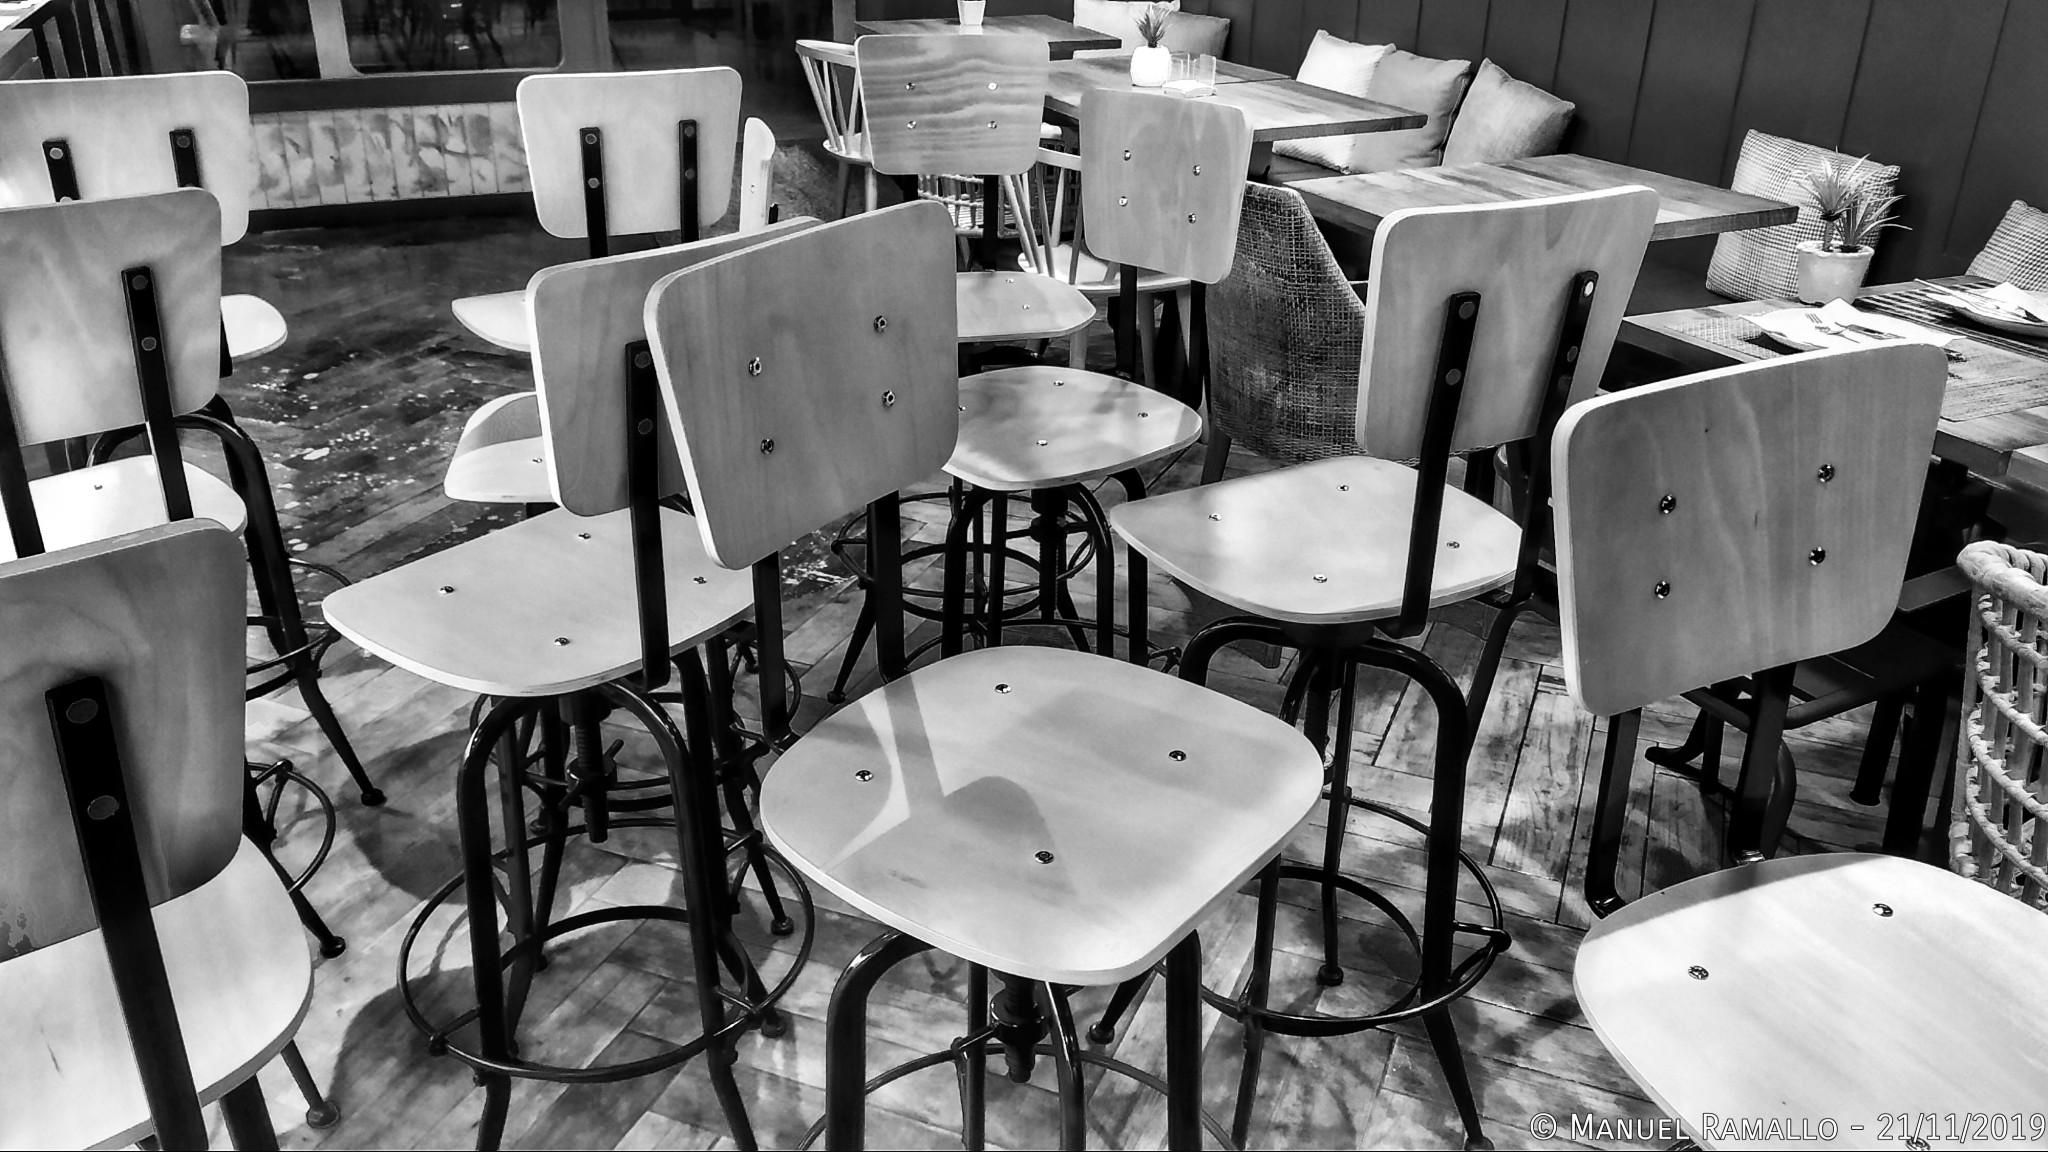 Coloquio de sillas en blanco y negro